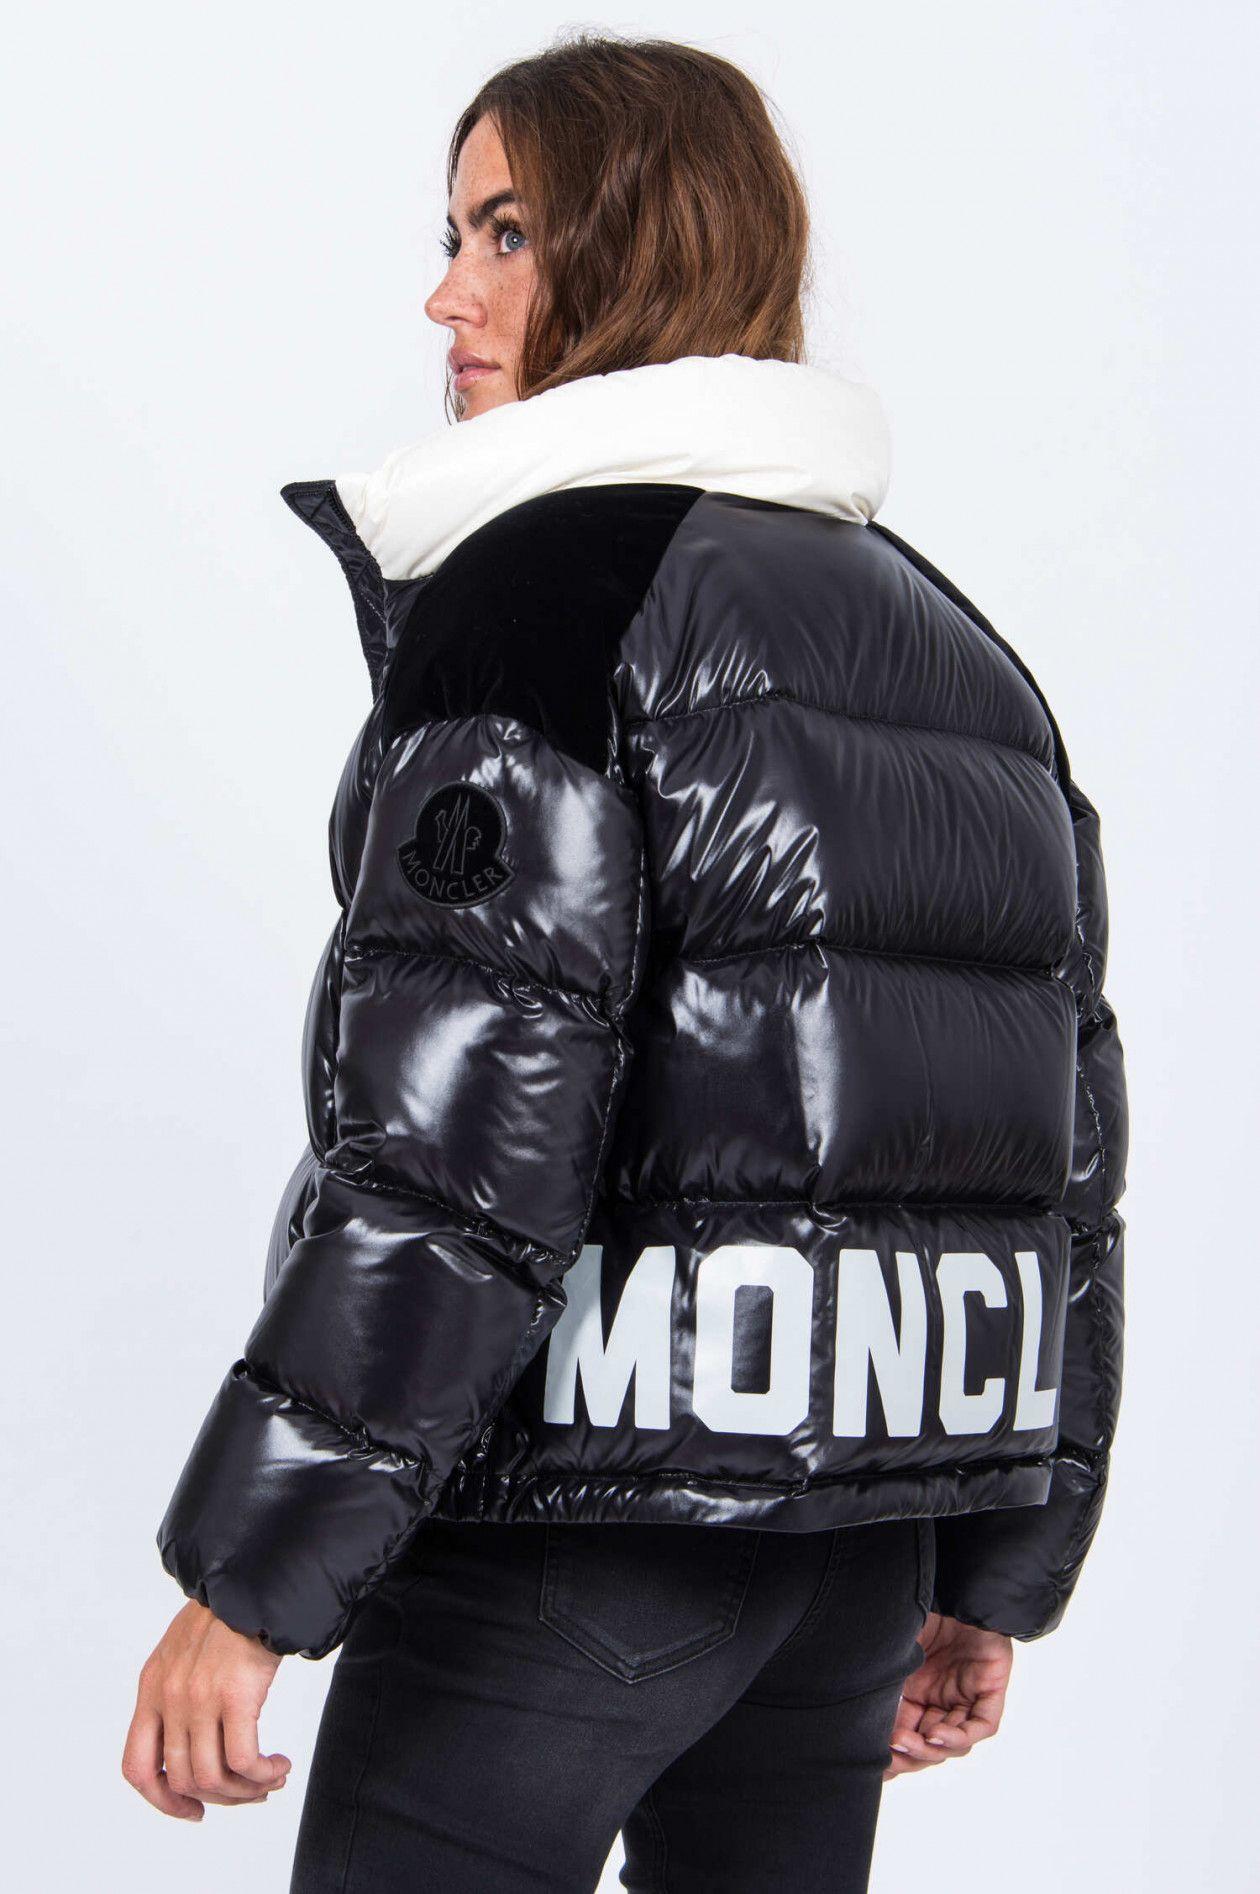 Moncler Daunenjacke Chouelle In Schwarz Weiß Moncler Jacket Women Jacket Outfit Women Moncler Jacket